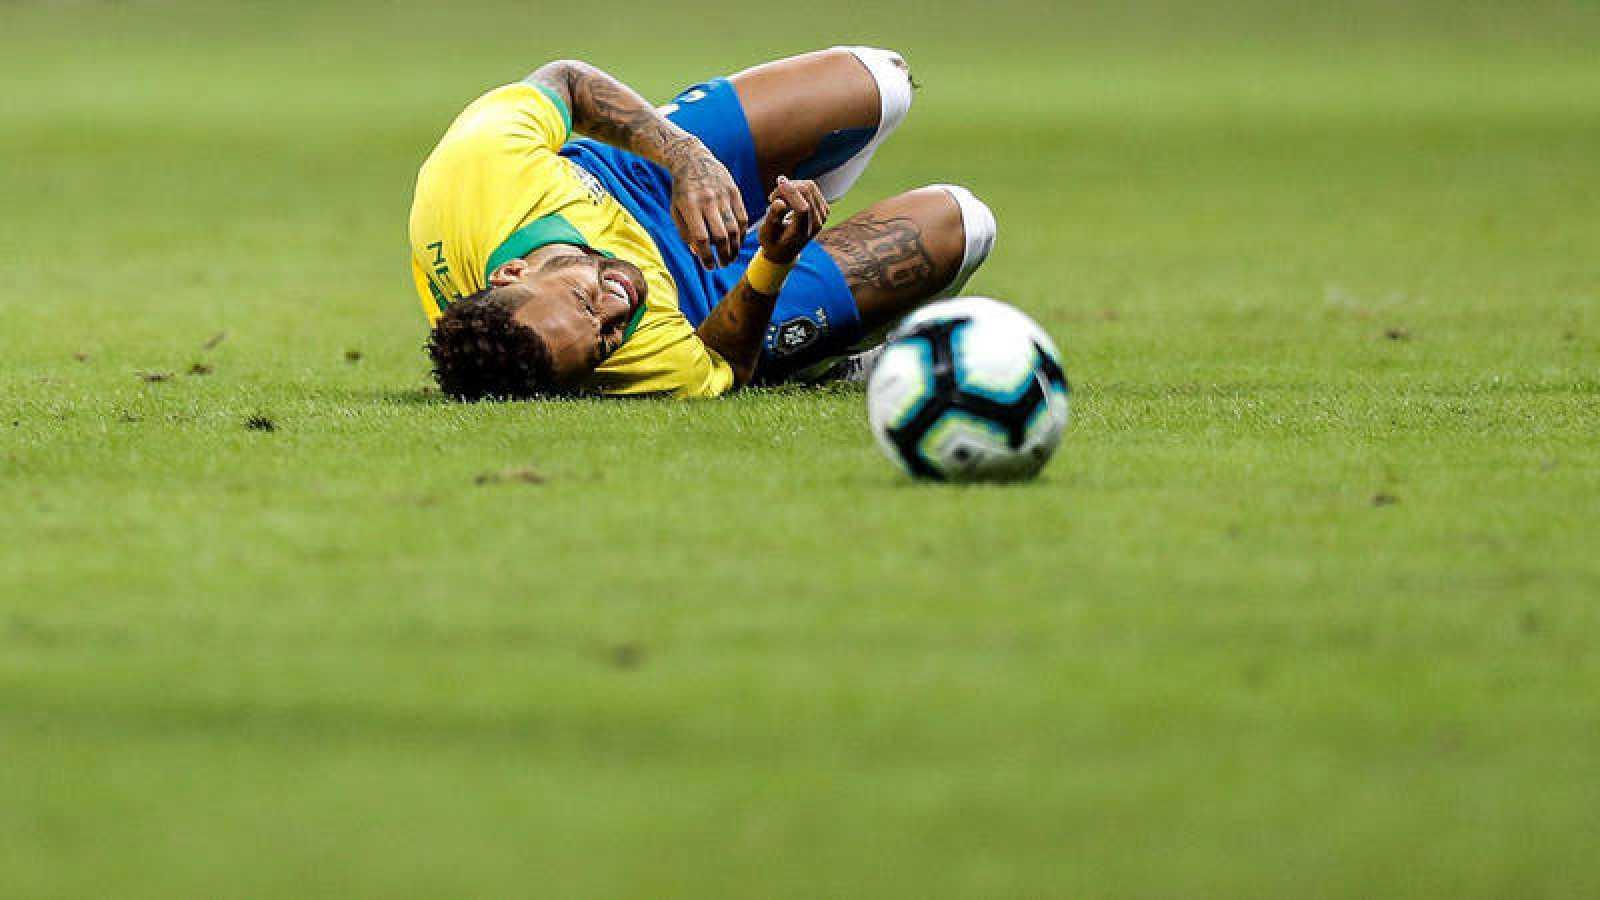 Neymar se lamenta en el campo este miércoles en el partido amistoso entre Brasil y Catar, en el Estadio Mane Garrincha, en la ciudad de Brasilia (Brasil). EFE/Antonio Lacerda